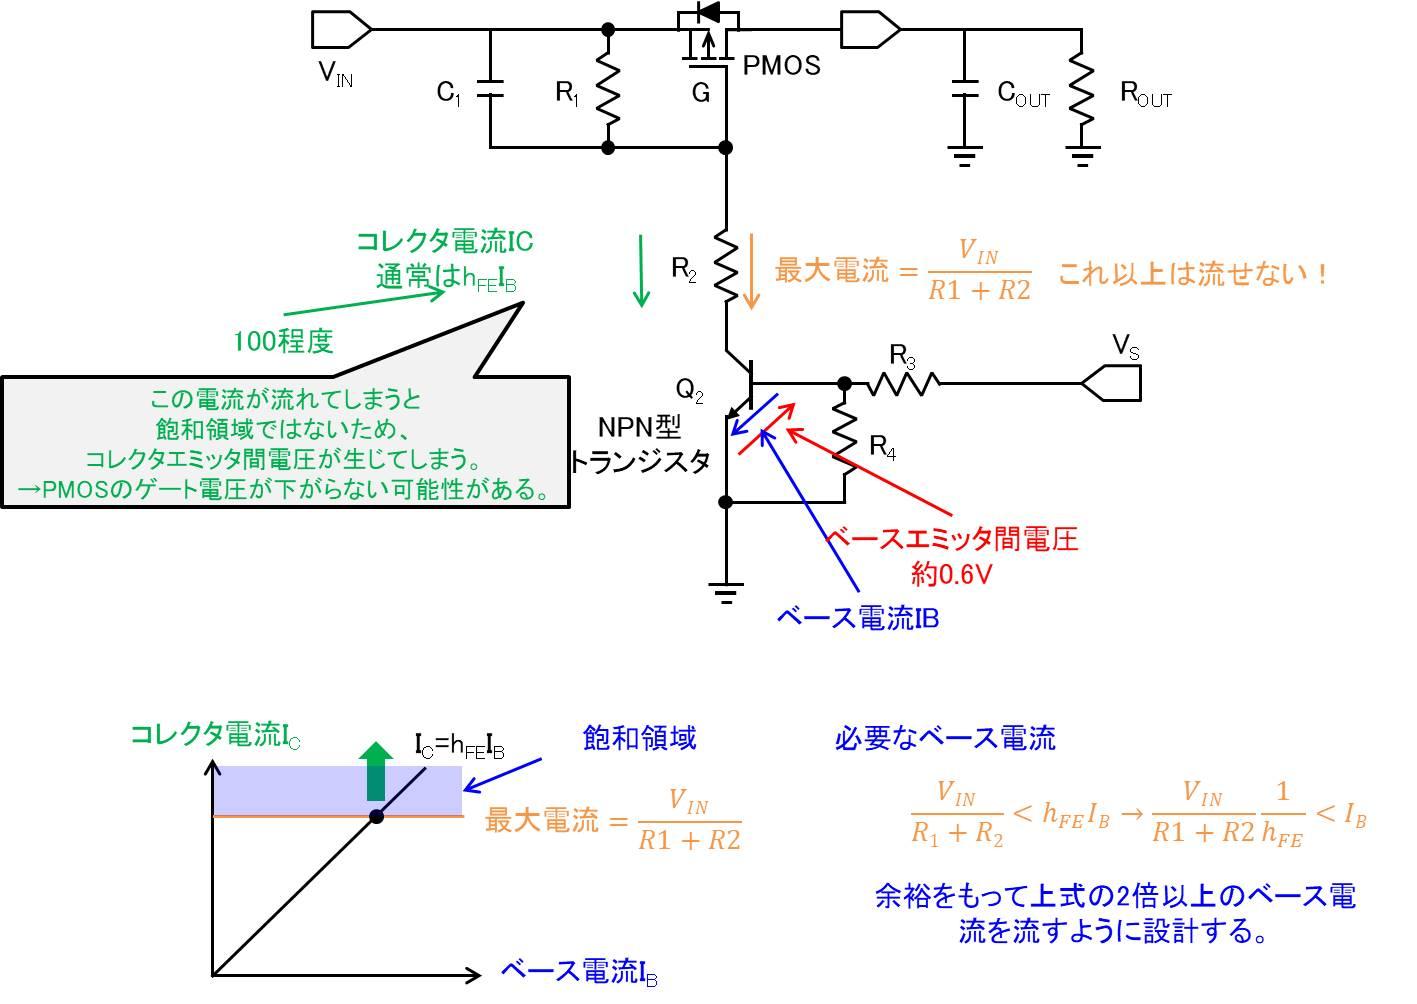 ロードスイッチの動作原理